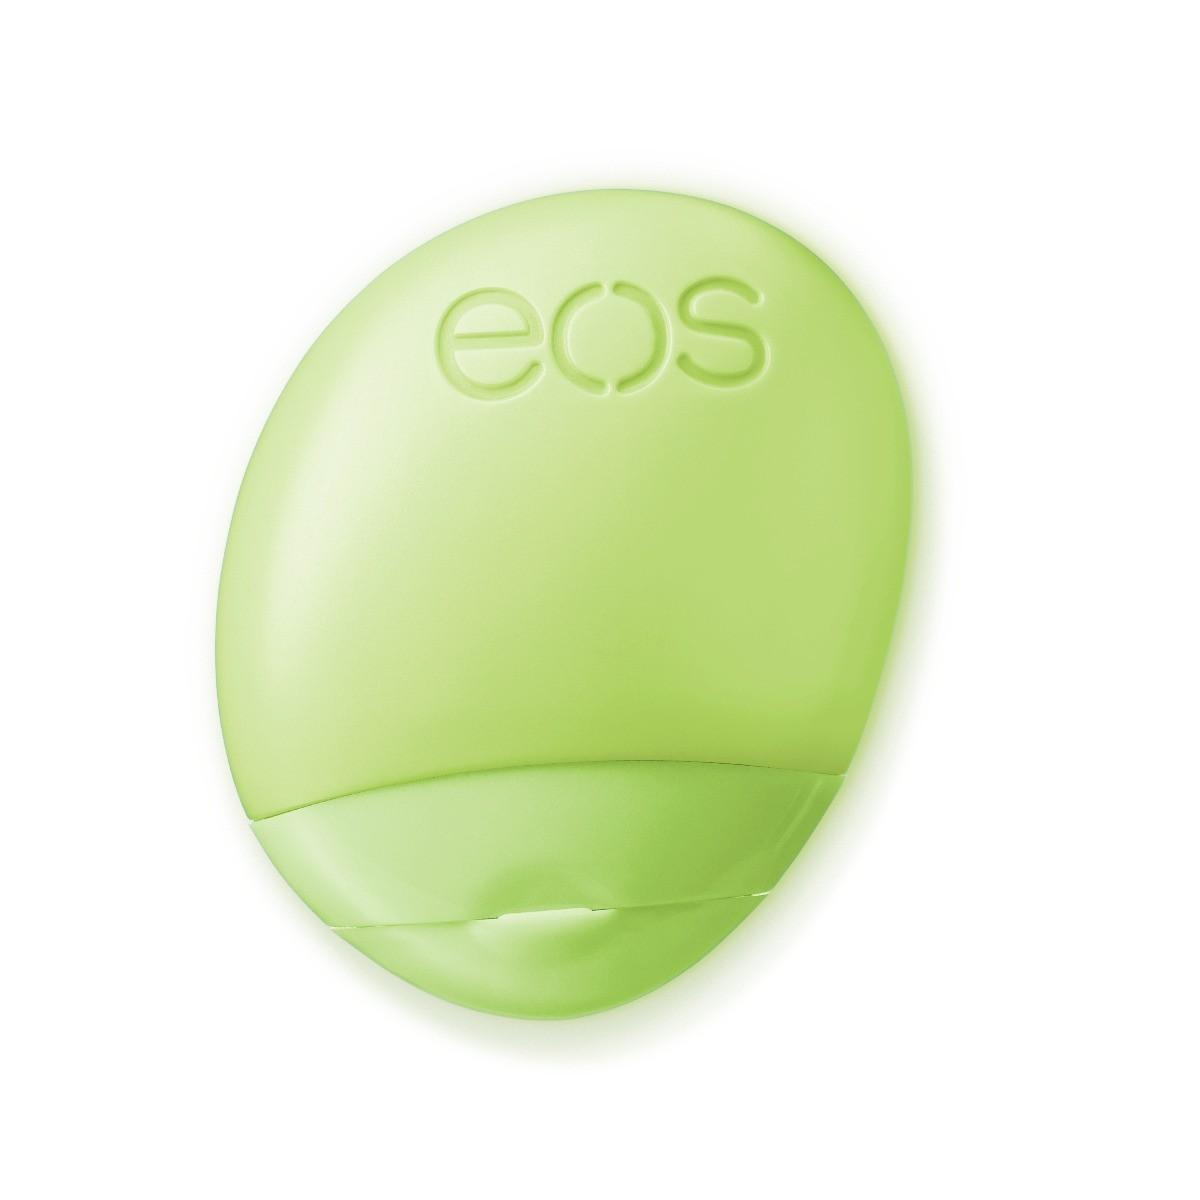 Eos Cucumber